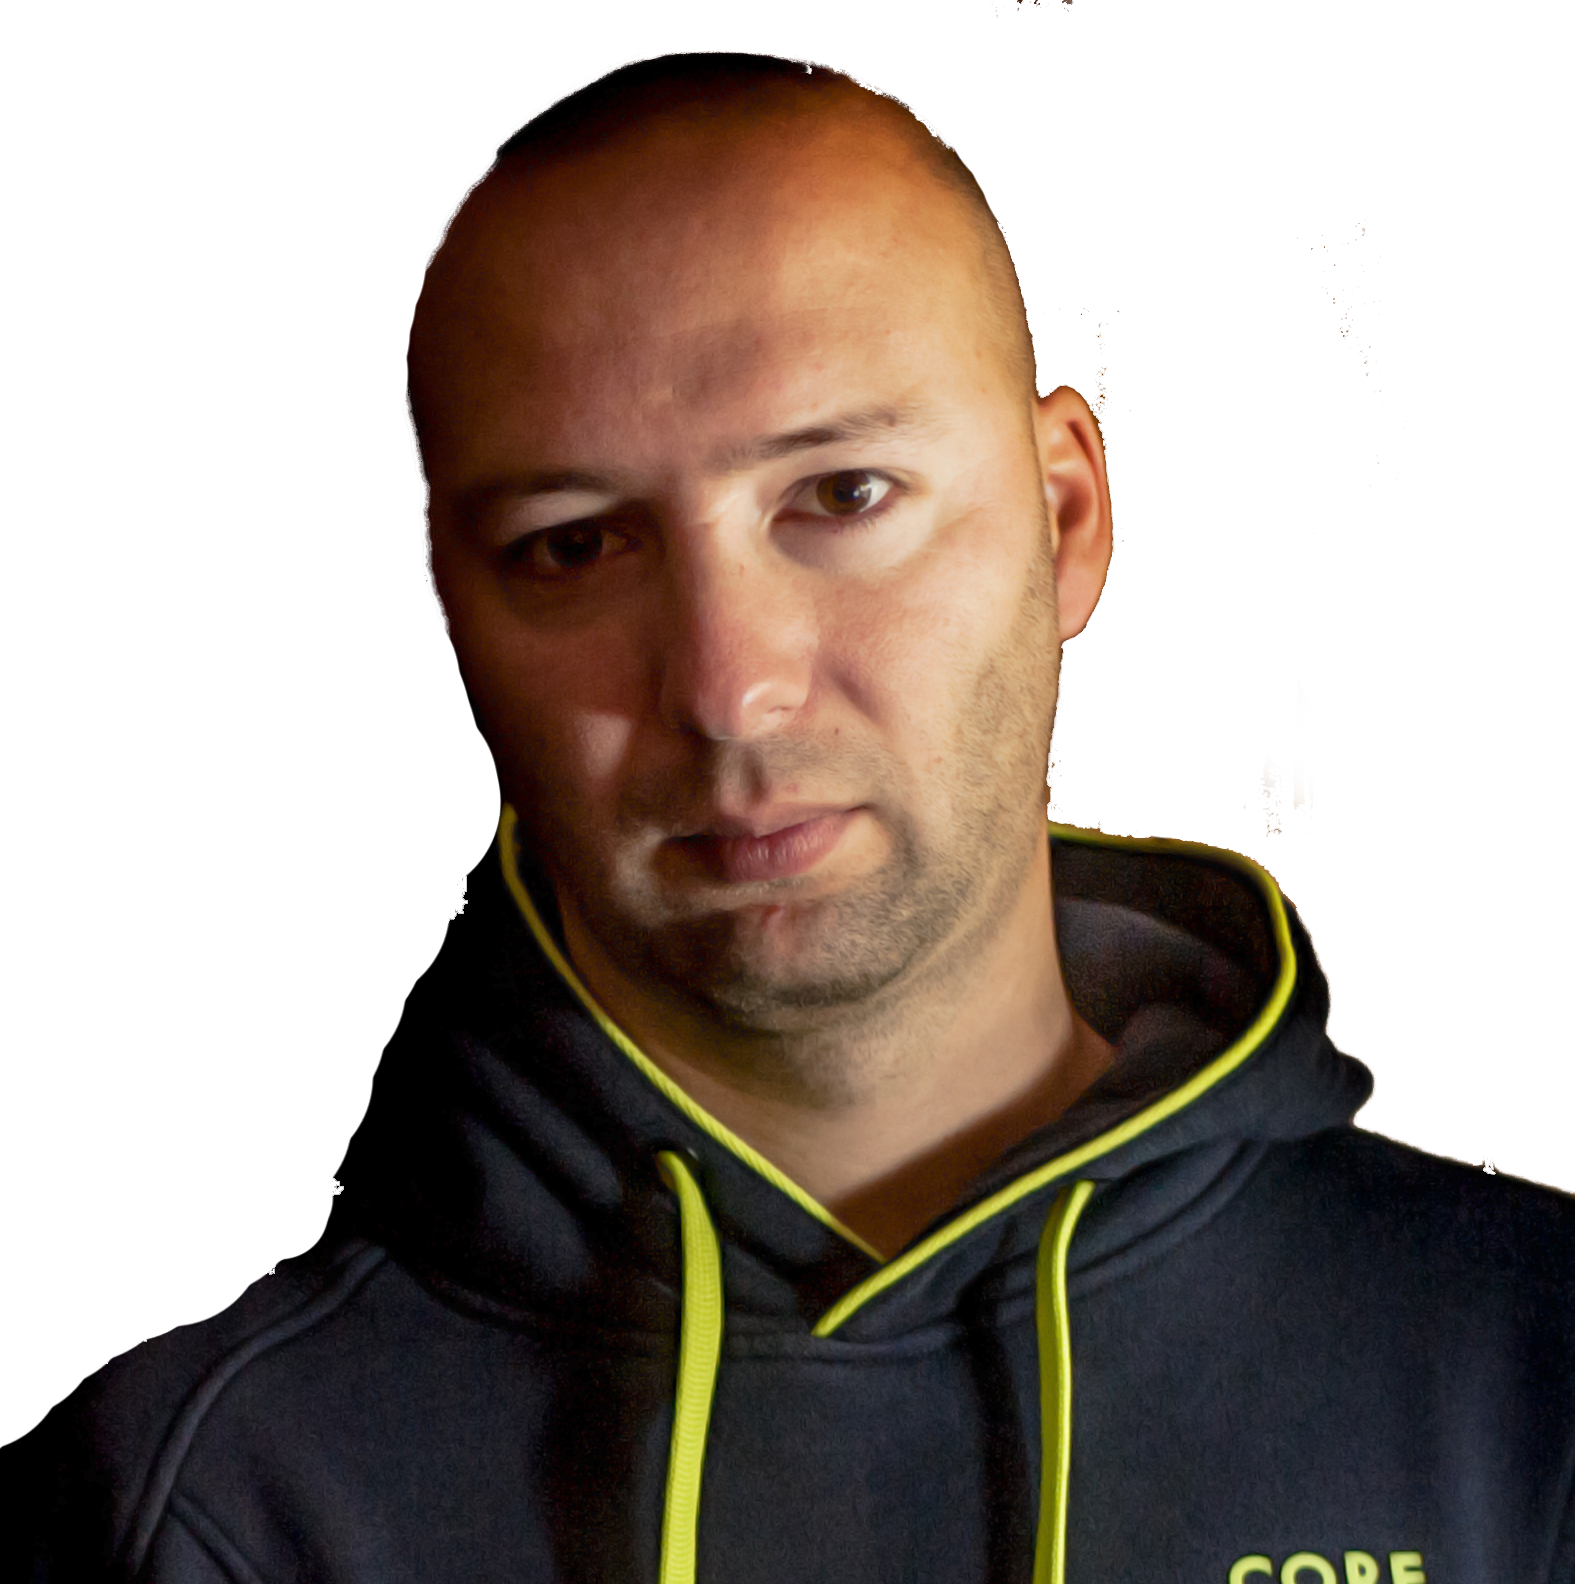 Iván Garci